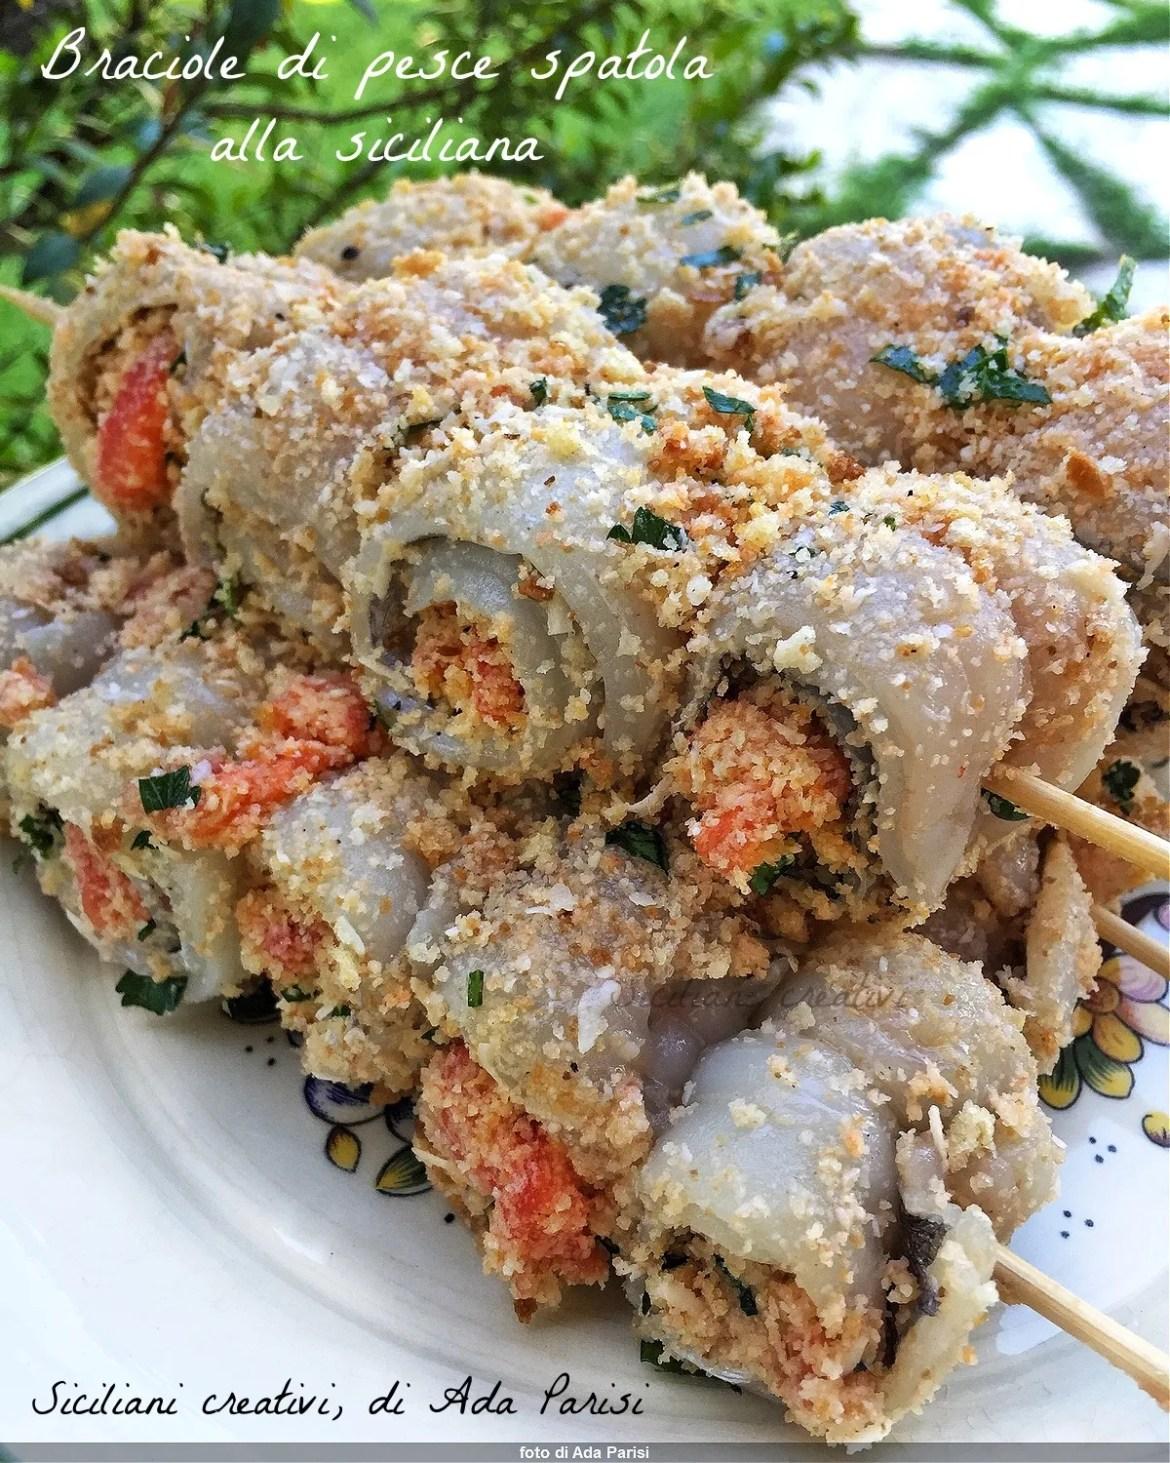 Chuletas de espátula siciliana